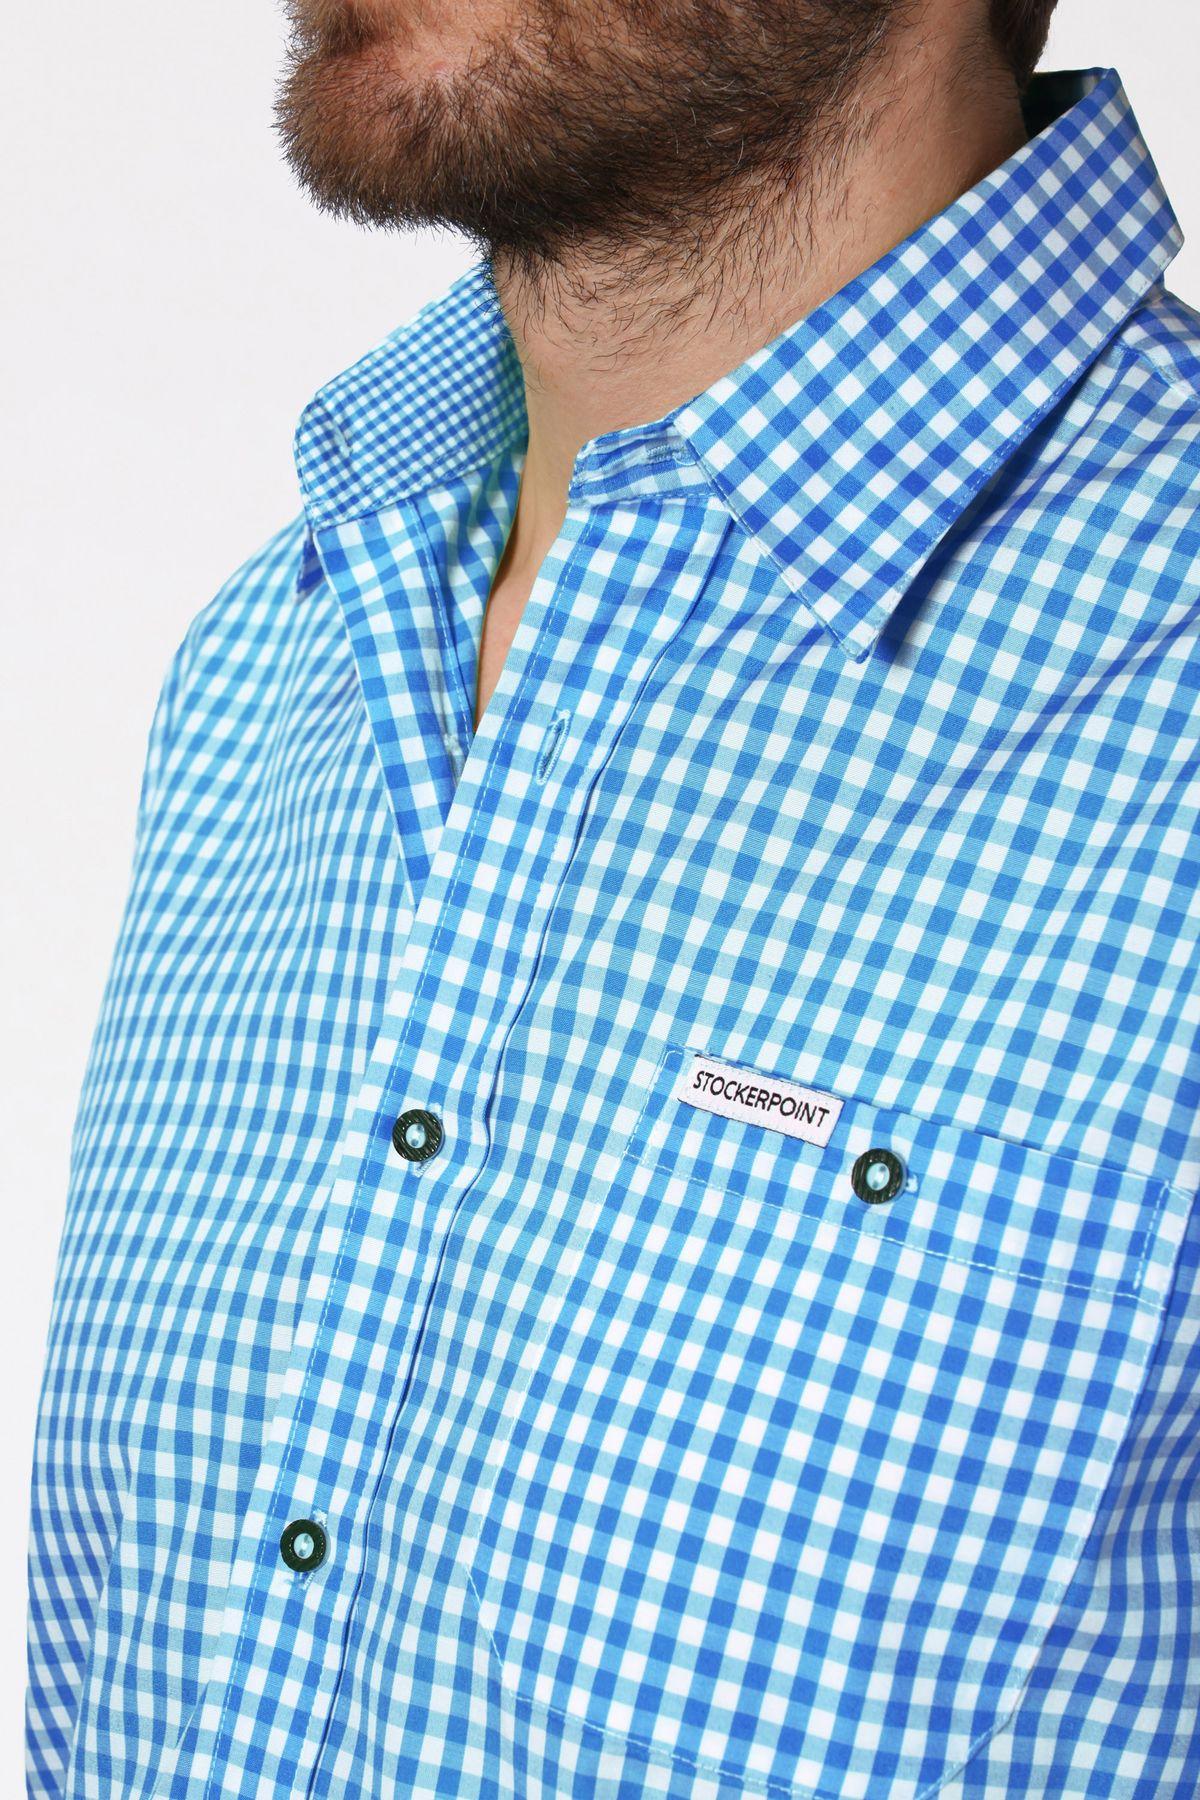 Stockerpoint - Herren Trachtenhemd, kariert in verschiedenen Farbvarianten, Campos2 – Bild 9